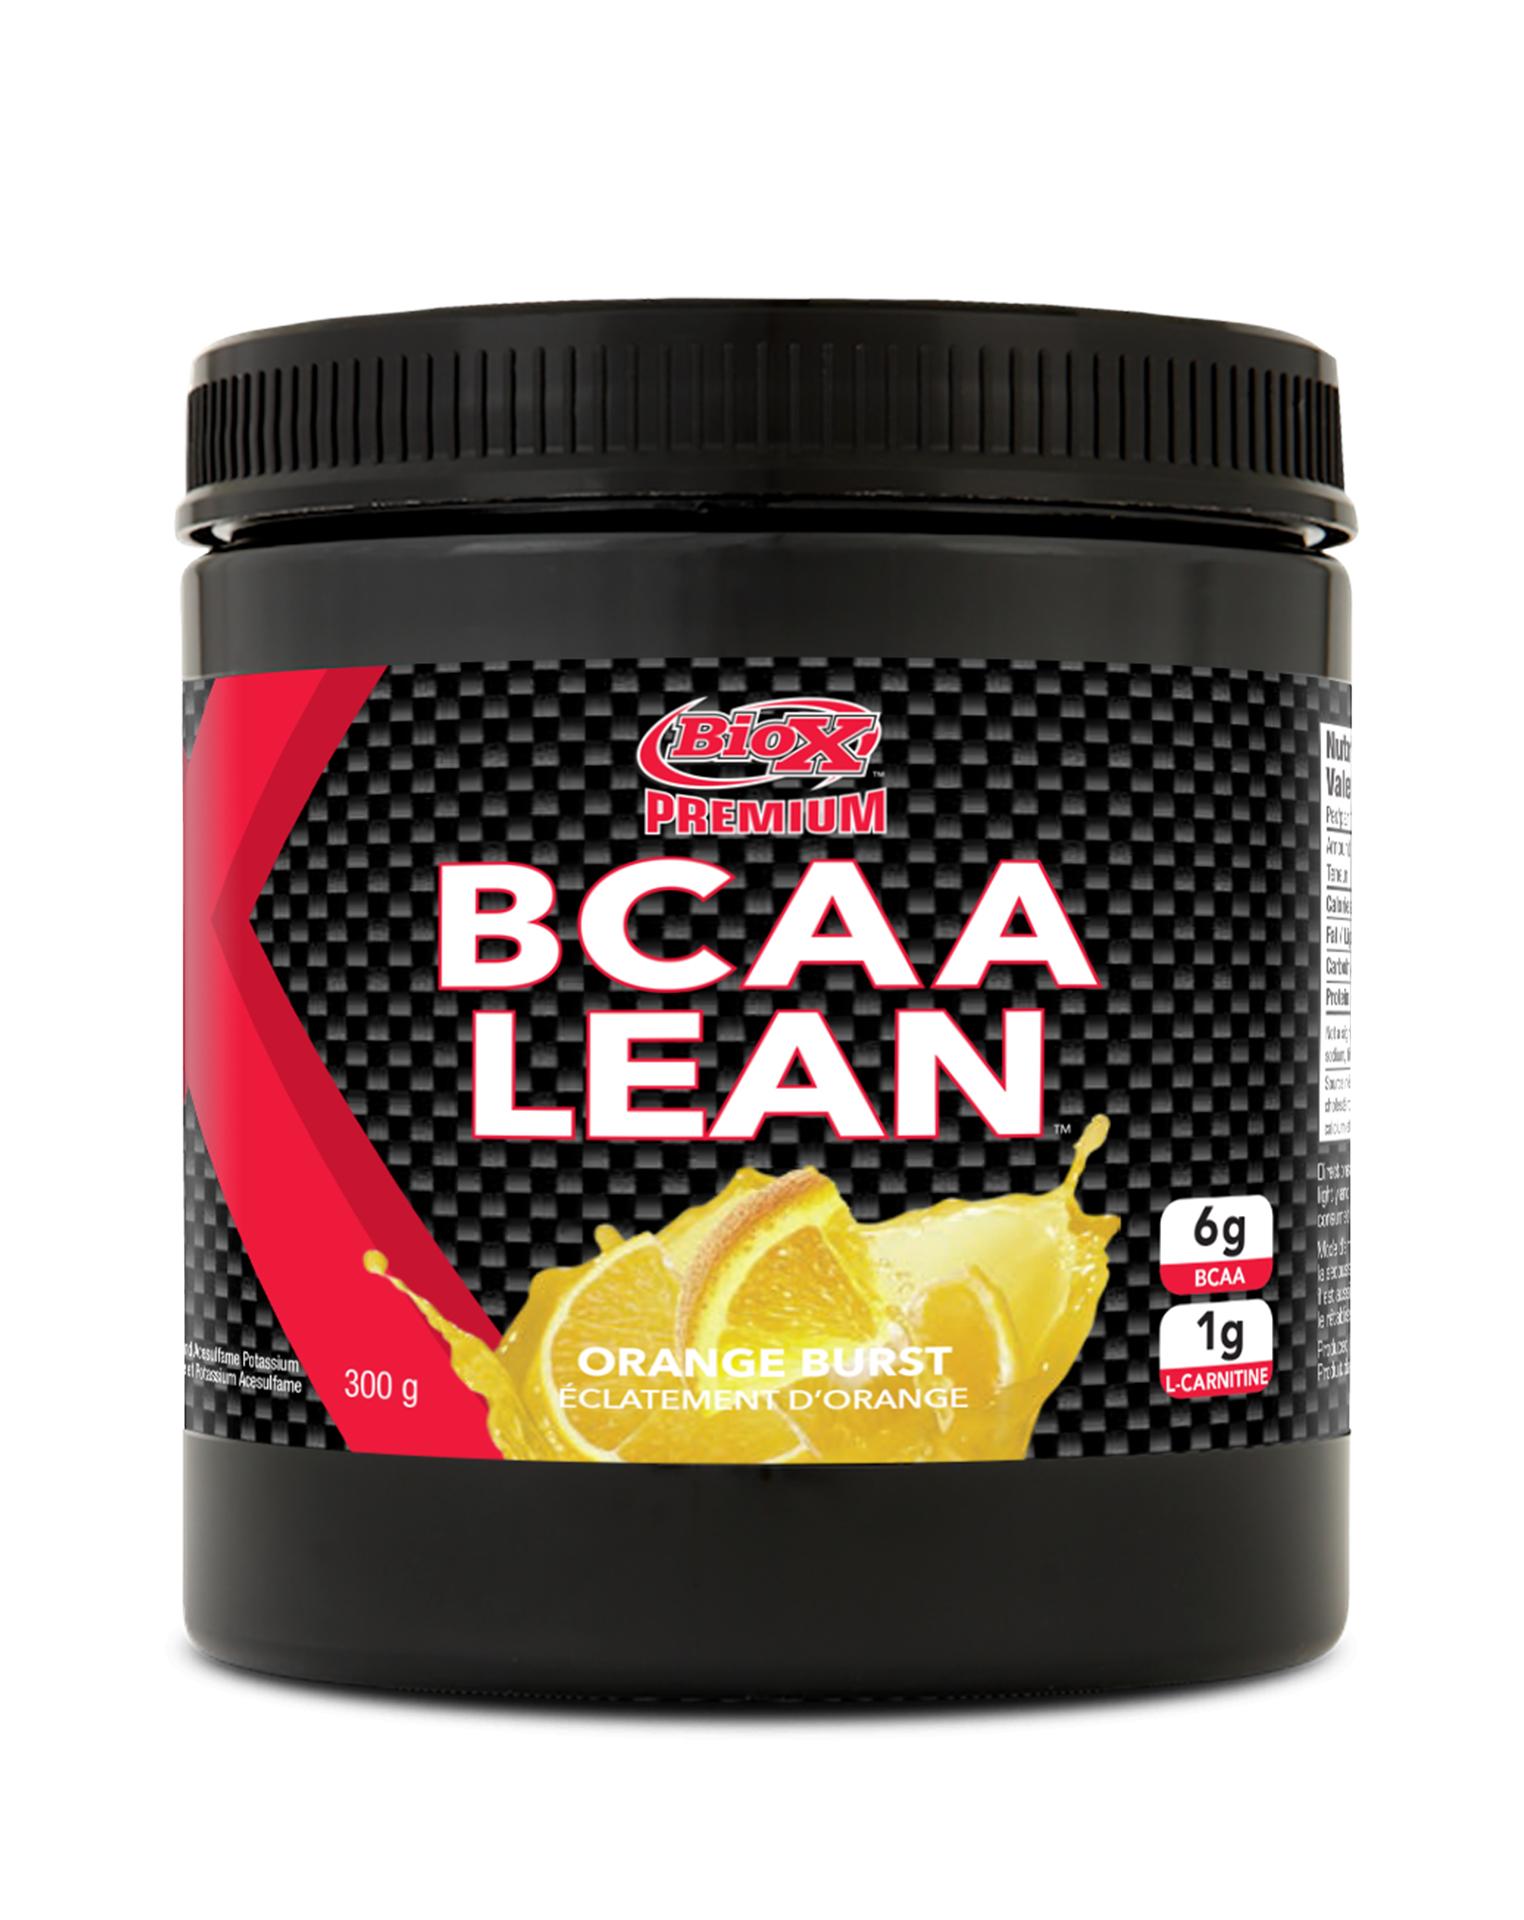 BCAA LEAN™